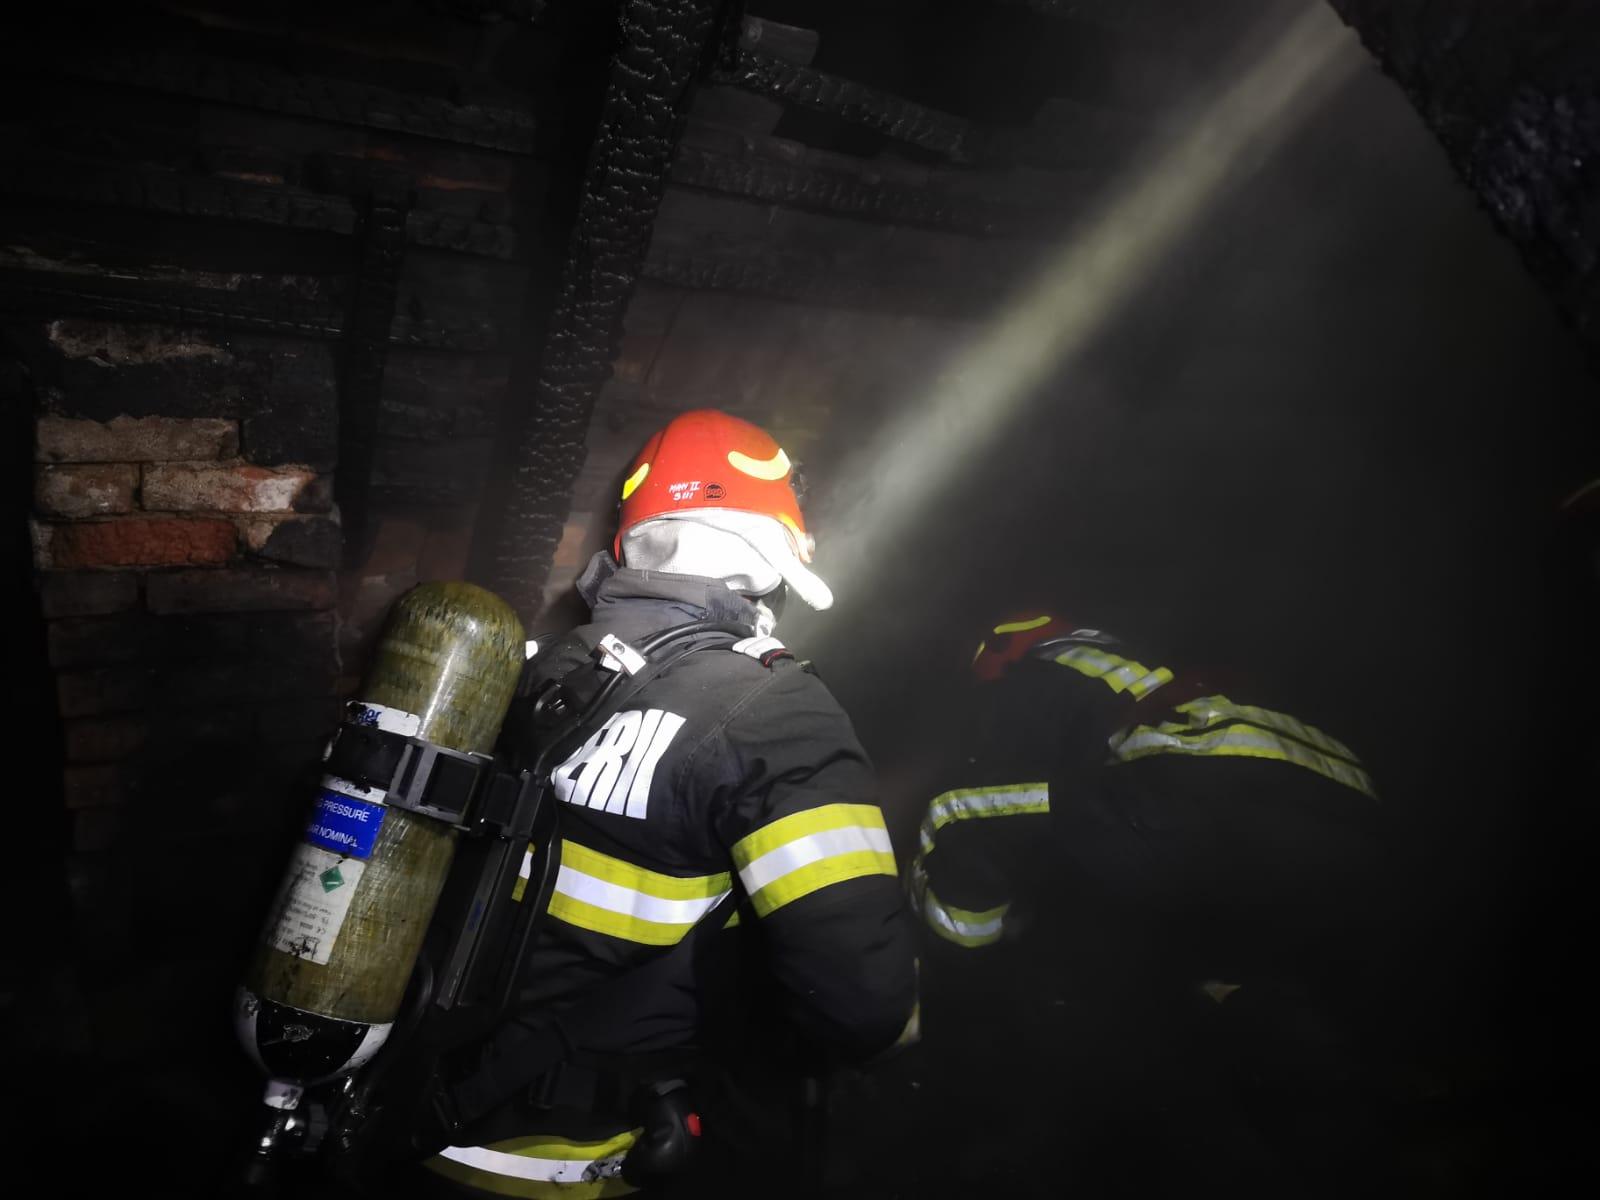 Incendiu într-o locuință din zona Gării. Doi copii au dat foc la casă